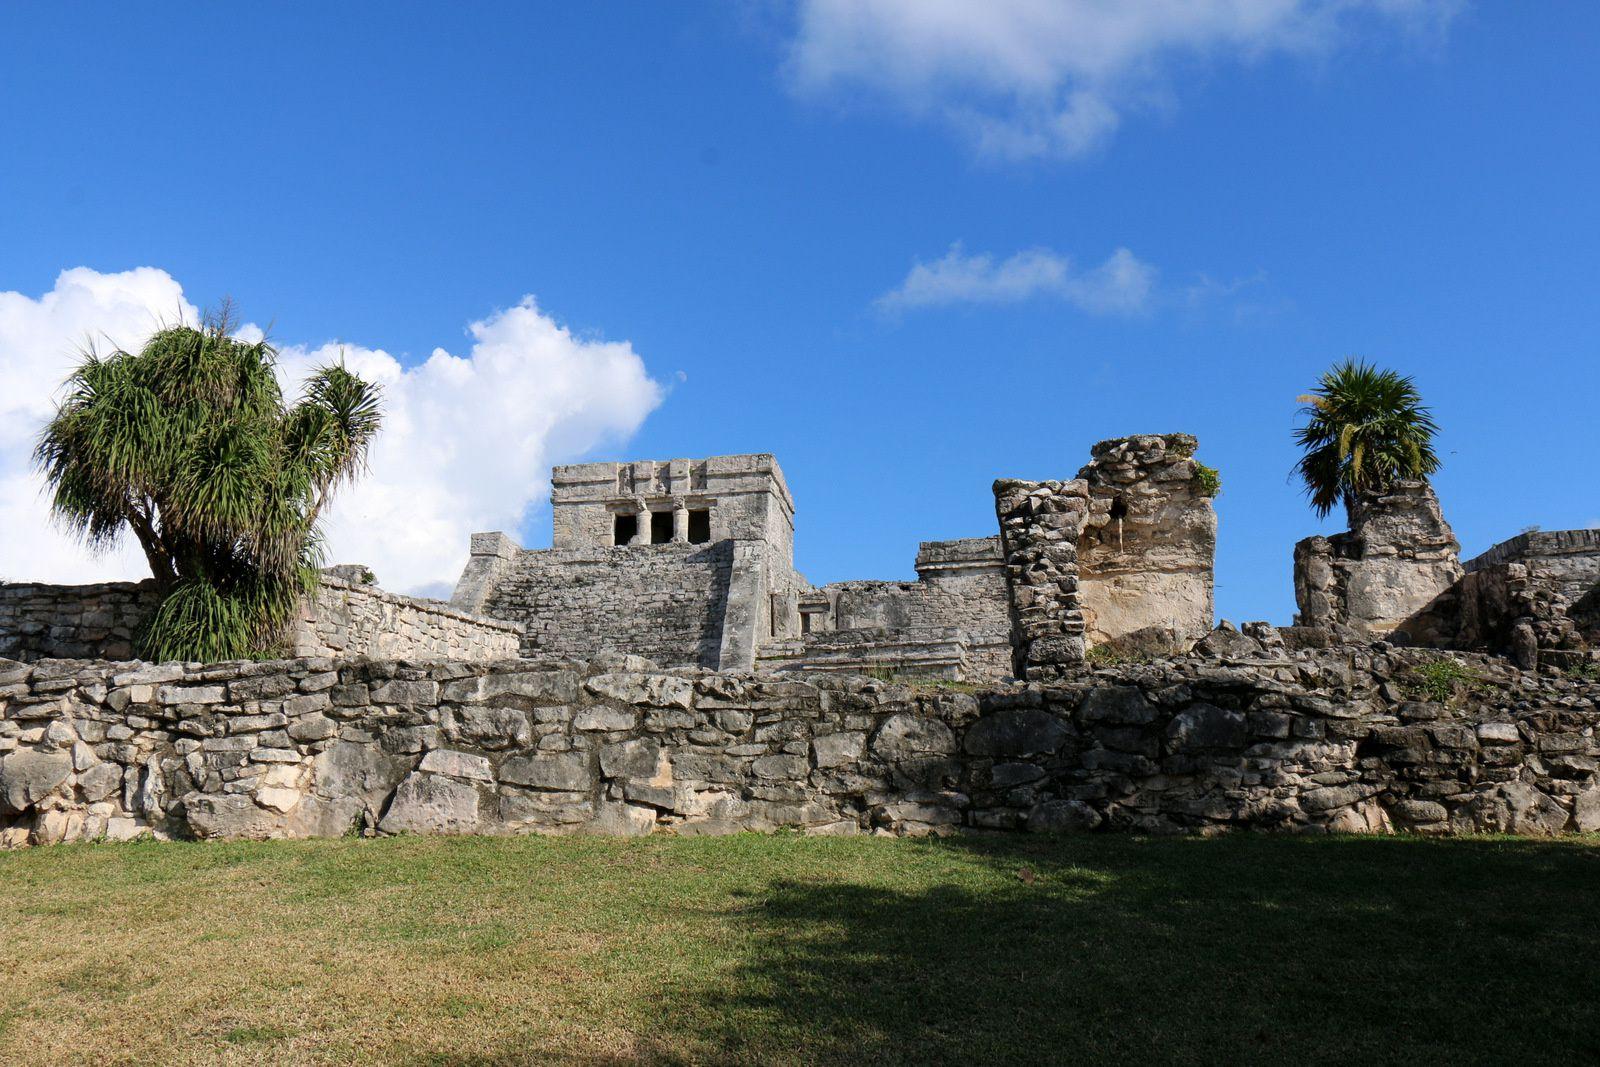 El Castillo, site archéologique de Tulum (Mexique)